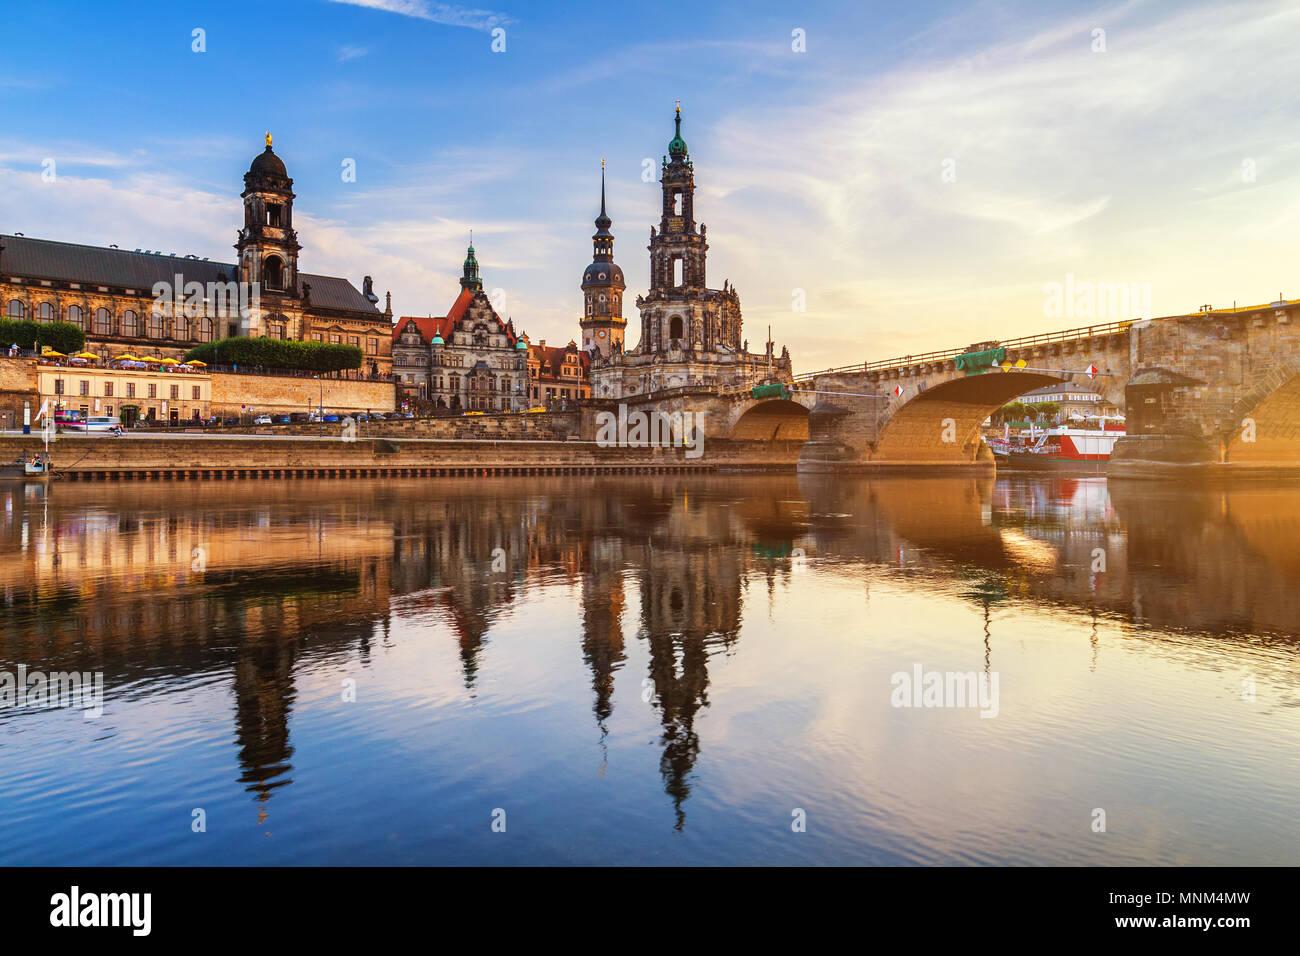 Augustus Pont (Augustusbrucke) et de la cathédrale de la Sainte Trinité (Église Hofkirche) au cours de l'Elbe à Dresde, en Allemagne, en Saxe. Photo Stock